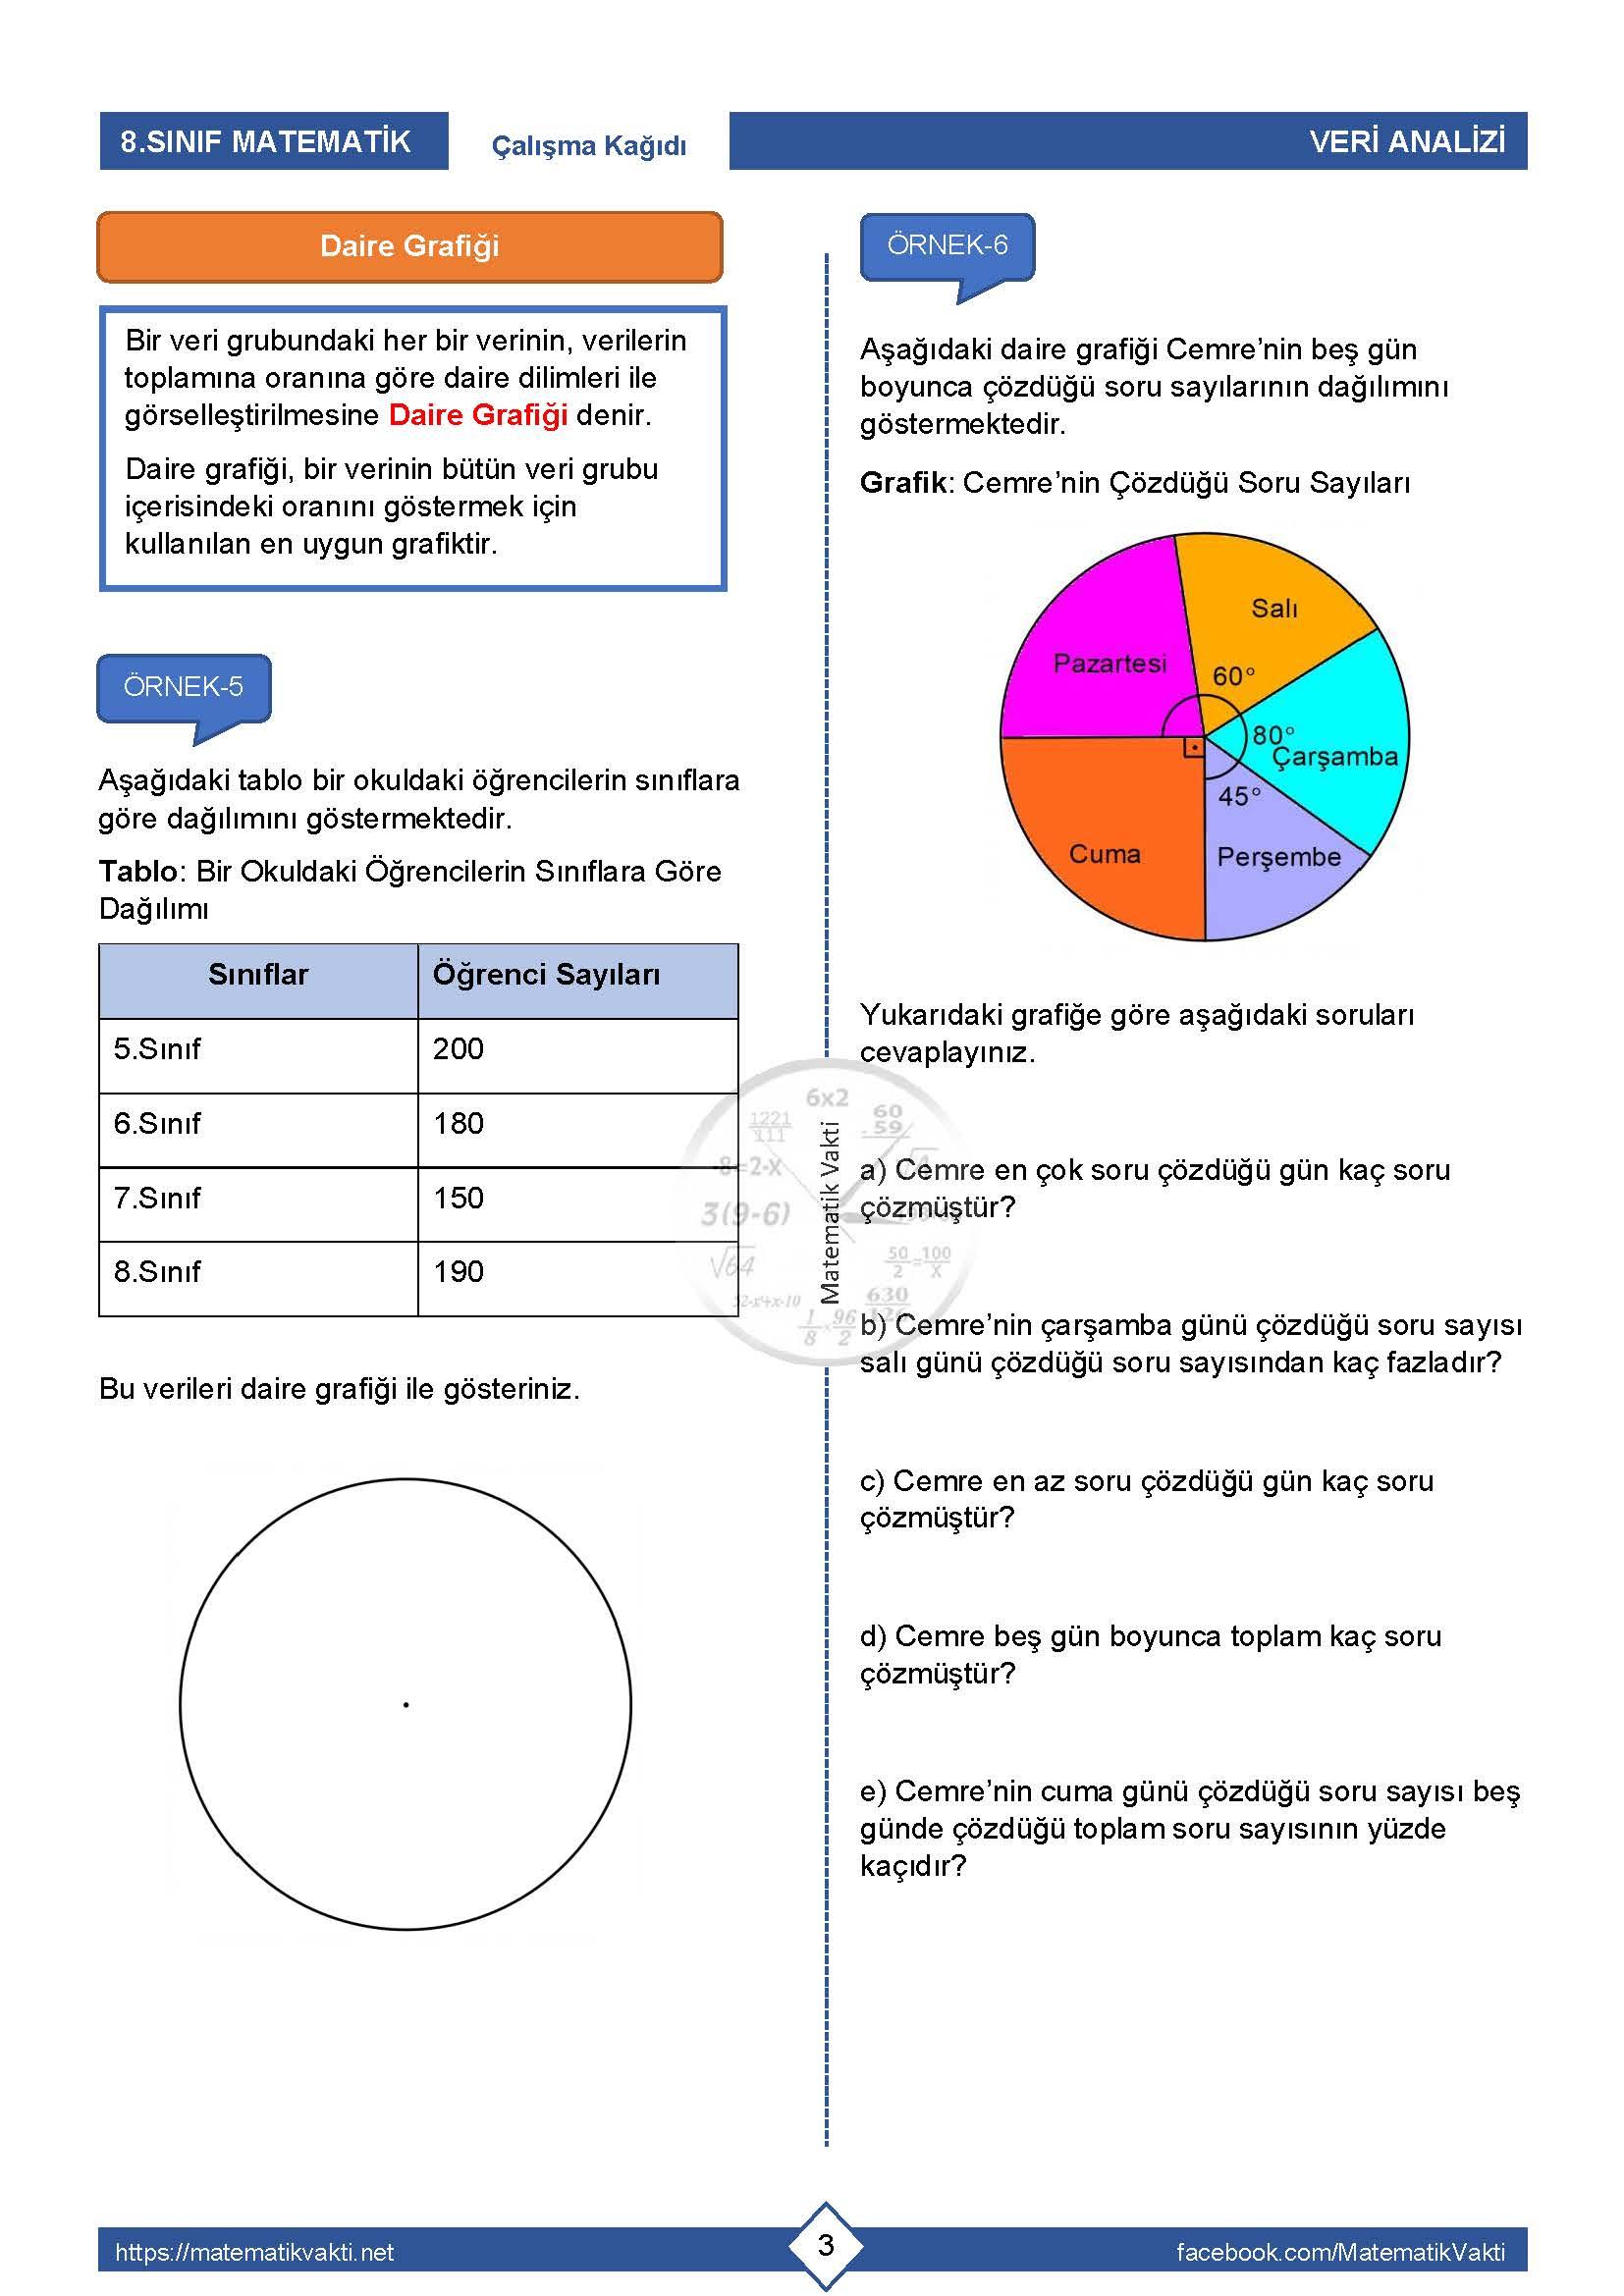 8.Sınıf Veri Analizi Çalışma Kağıdı